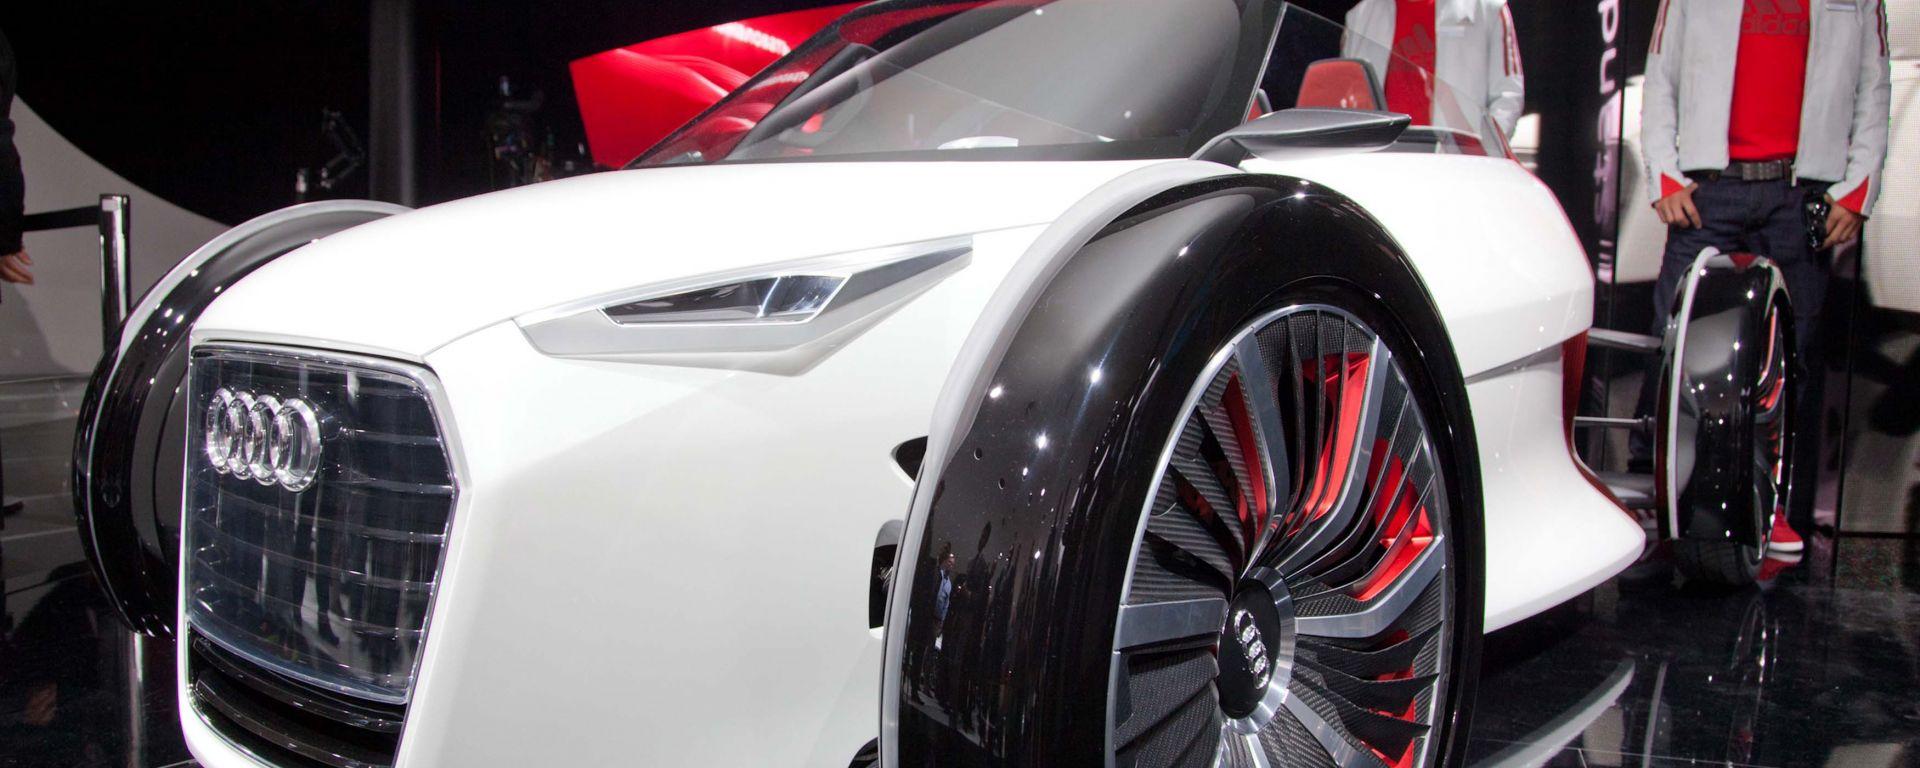 Francoforte IAA 2011: Audi Urban e A2 concept